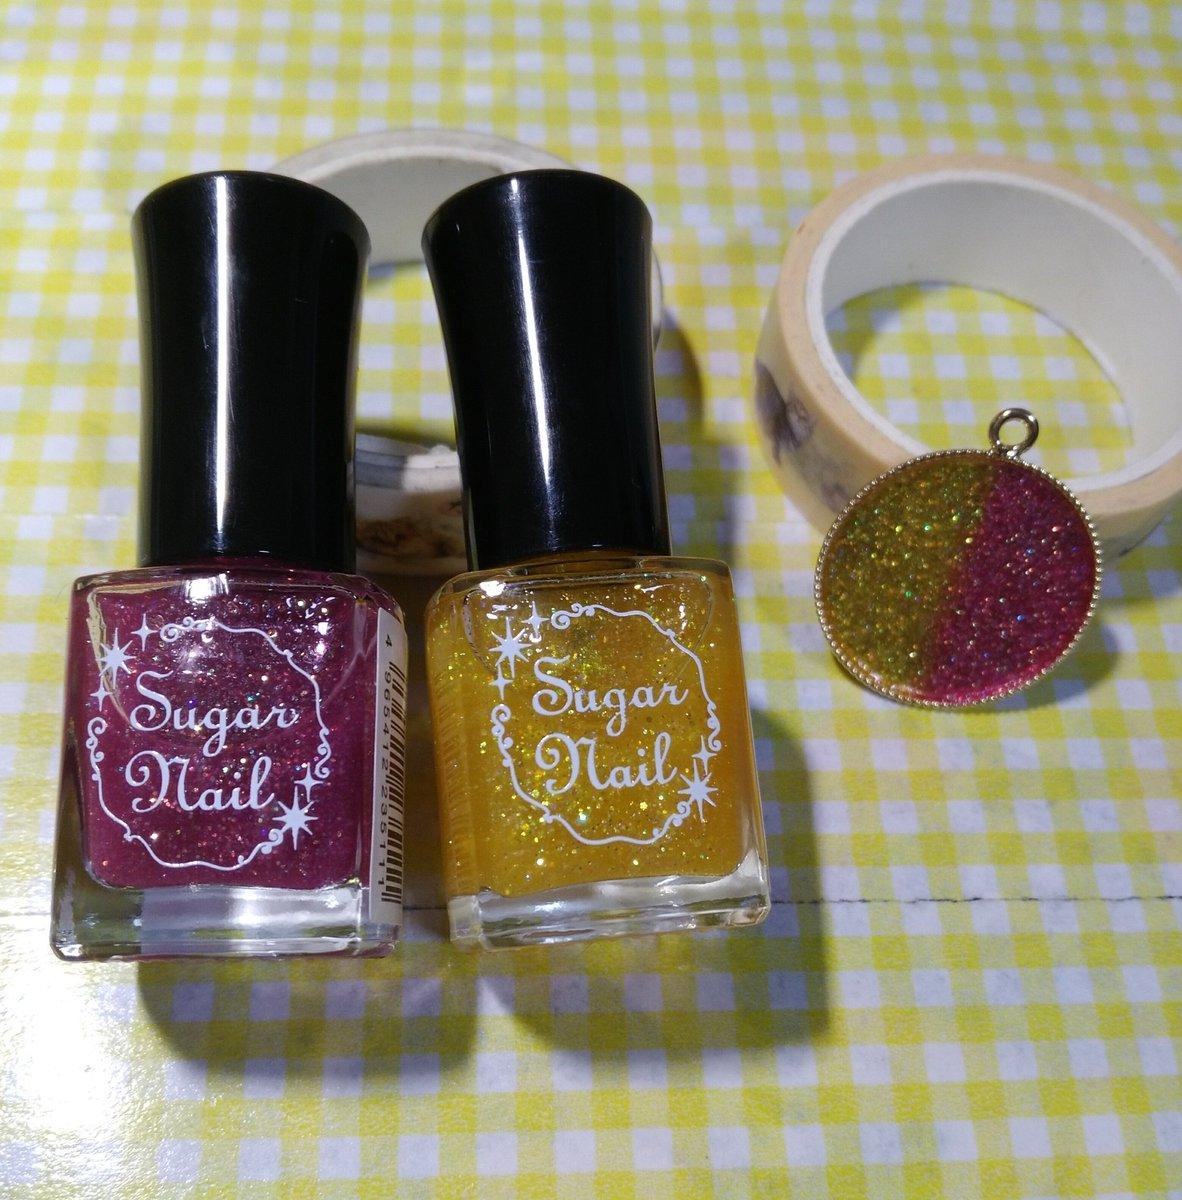 test ツイッターメディア - キャンドゥで購入したネイル! 黄色が「パパイヤグミ」、紫色が「プレーングミ」って名前です! キラキラしてて、色も綺麗!  駄菓子屋に売ってたグミを思い出した…(´-`).。oO #ネイル #キャンドゥ https://t.co/UNnLat55sd